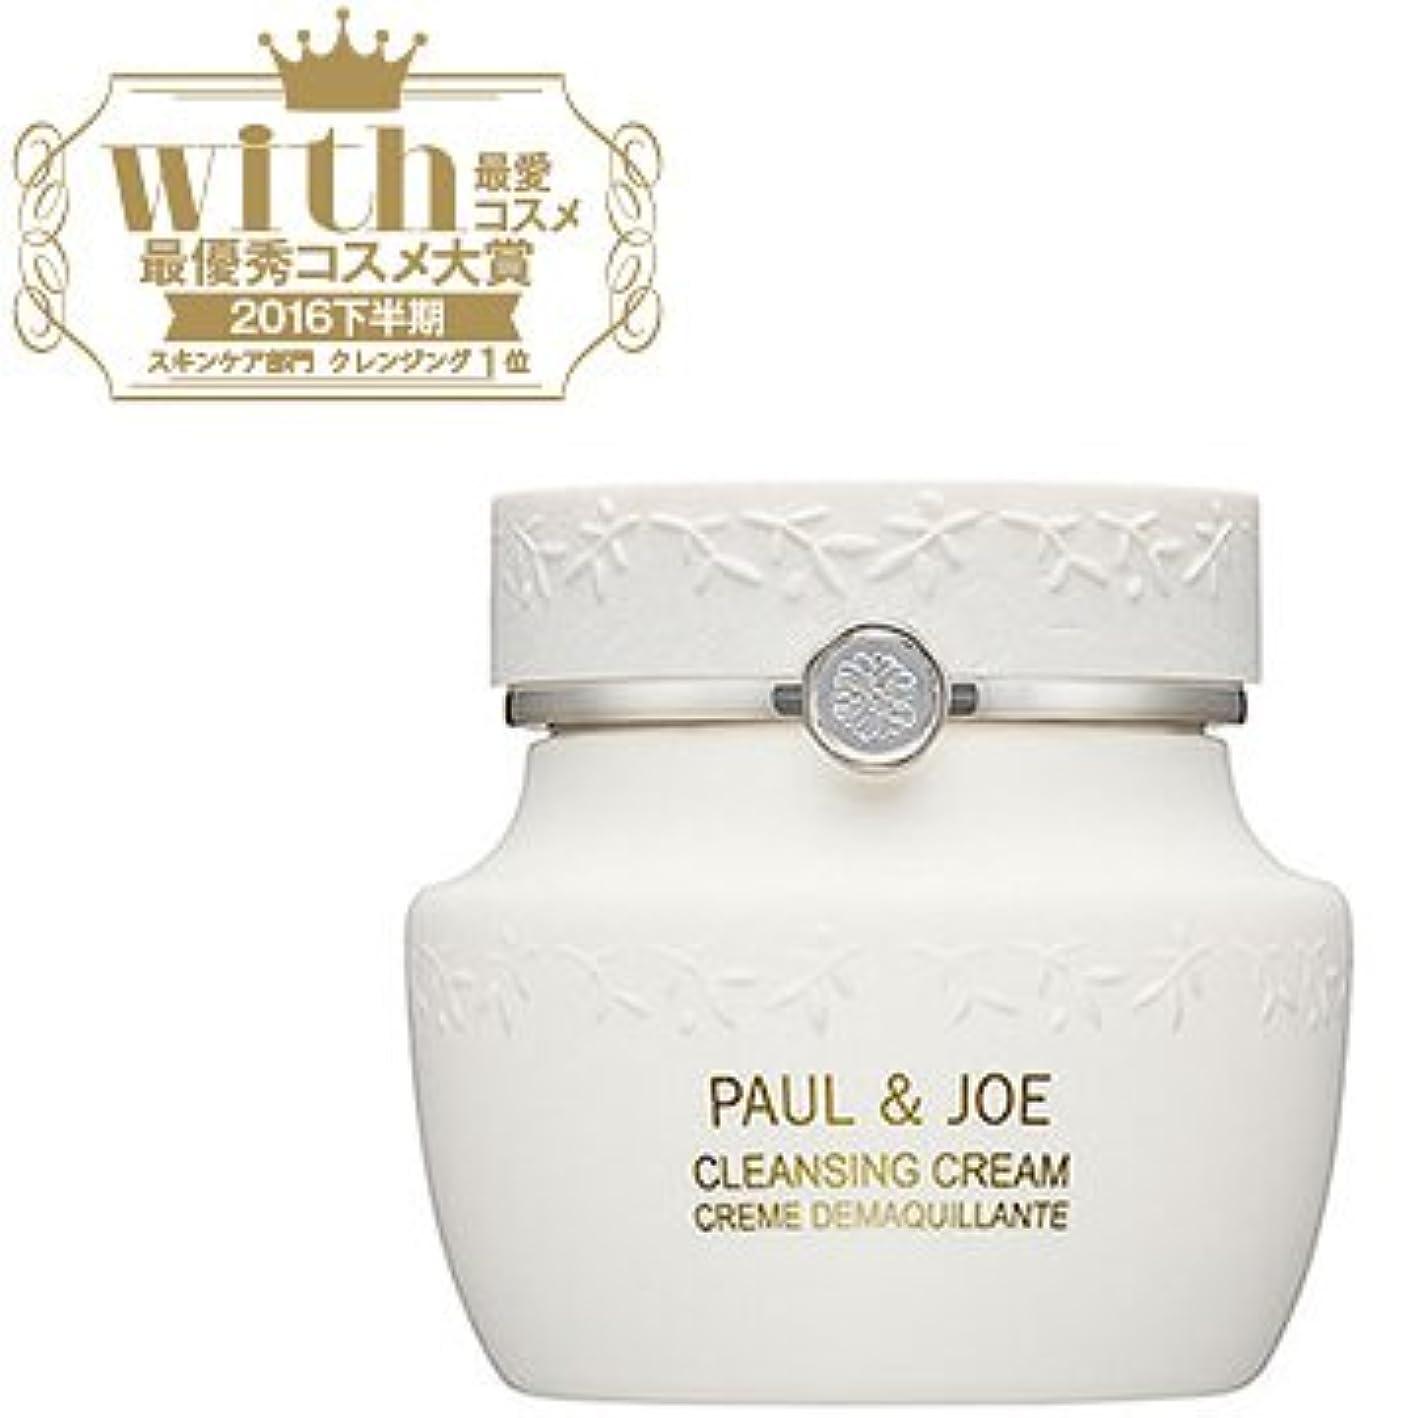 お手伝いさん疾患ウェイターポール&ジョー PAUL&JOEクレンジング クリーム Cleansing Cream 150g [並行輸入品]